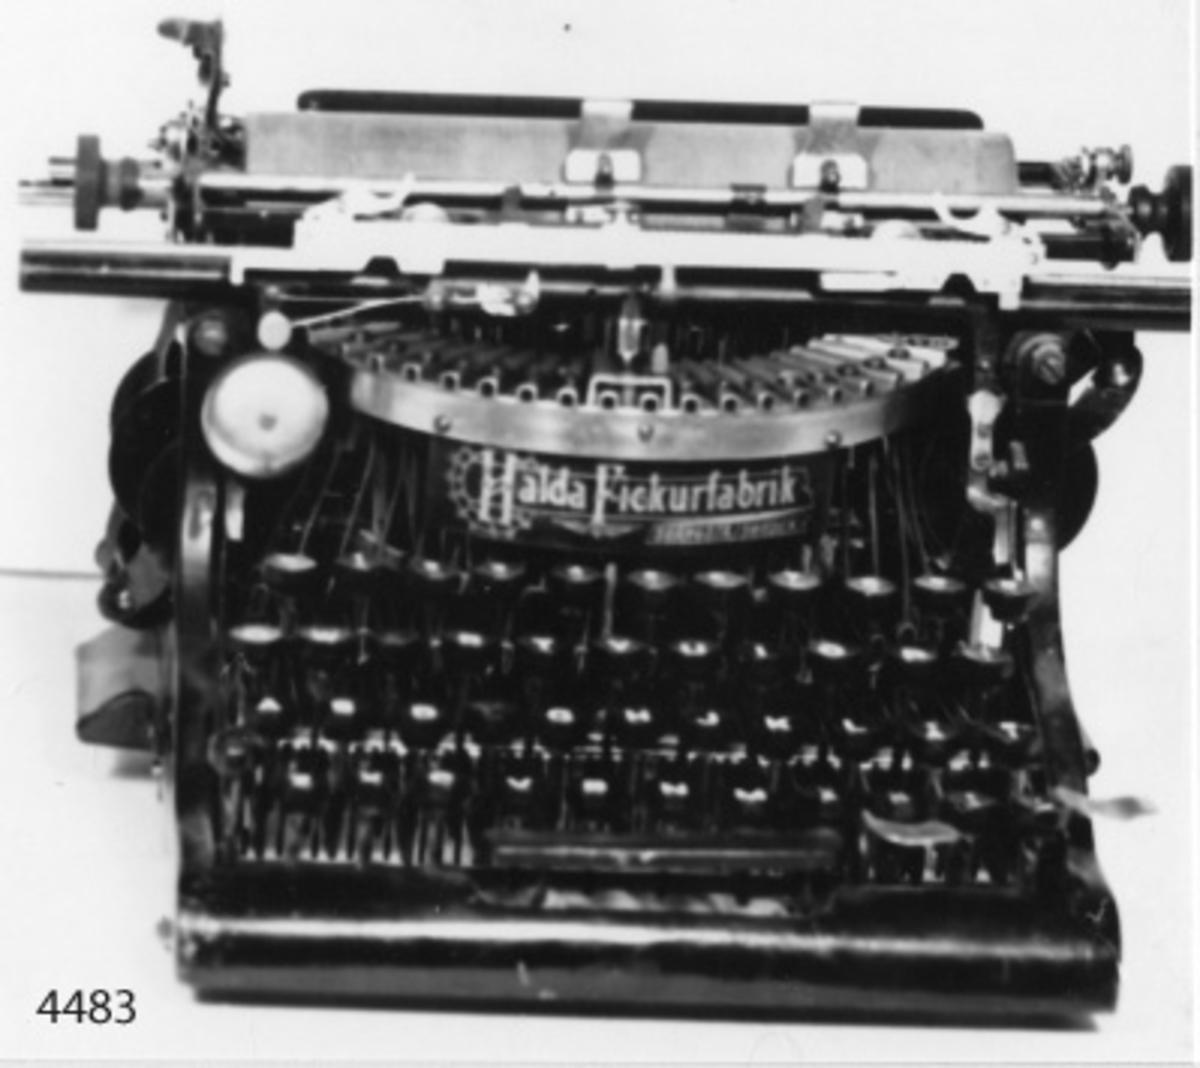 Skrivmaskin av märket Halda. Fabrikatet är svenskt, sannolikt från början av 1900-talet. Maskinen är svartlackerad och märkt i gult: Halda Fickurfabrik Svängsta (Sweden). Tangenterna är svarta med skrivtecken, siffror och bokstäver i vitt.